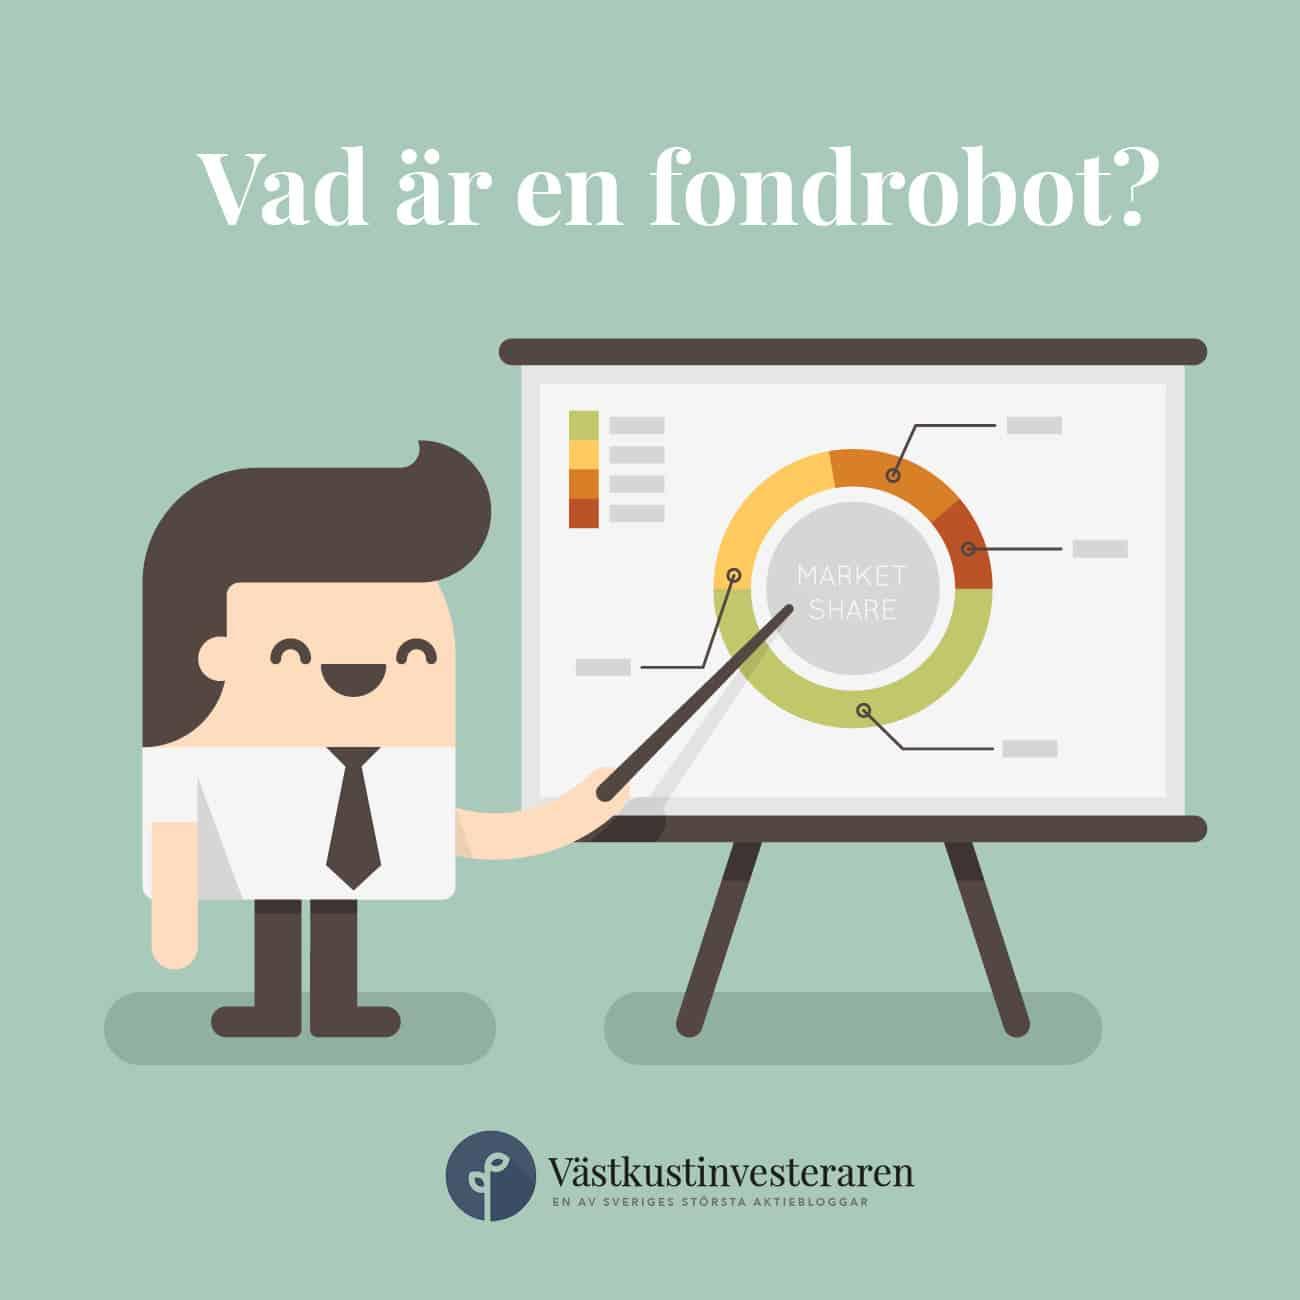 Fondrobot och fondrobotar